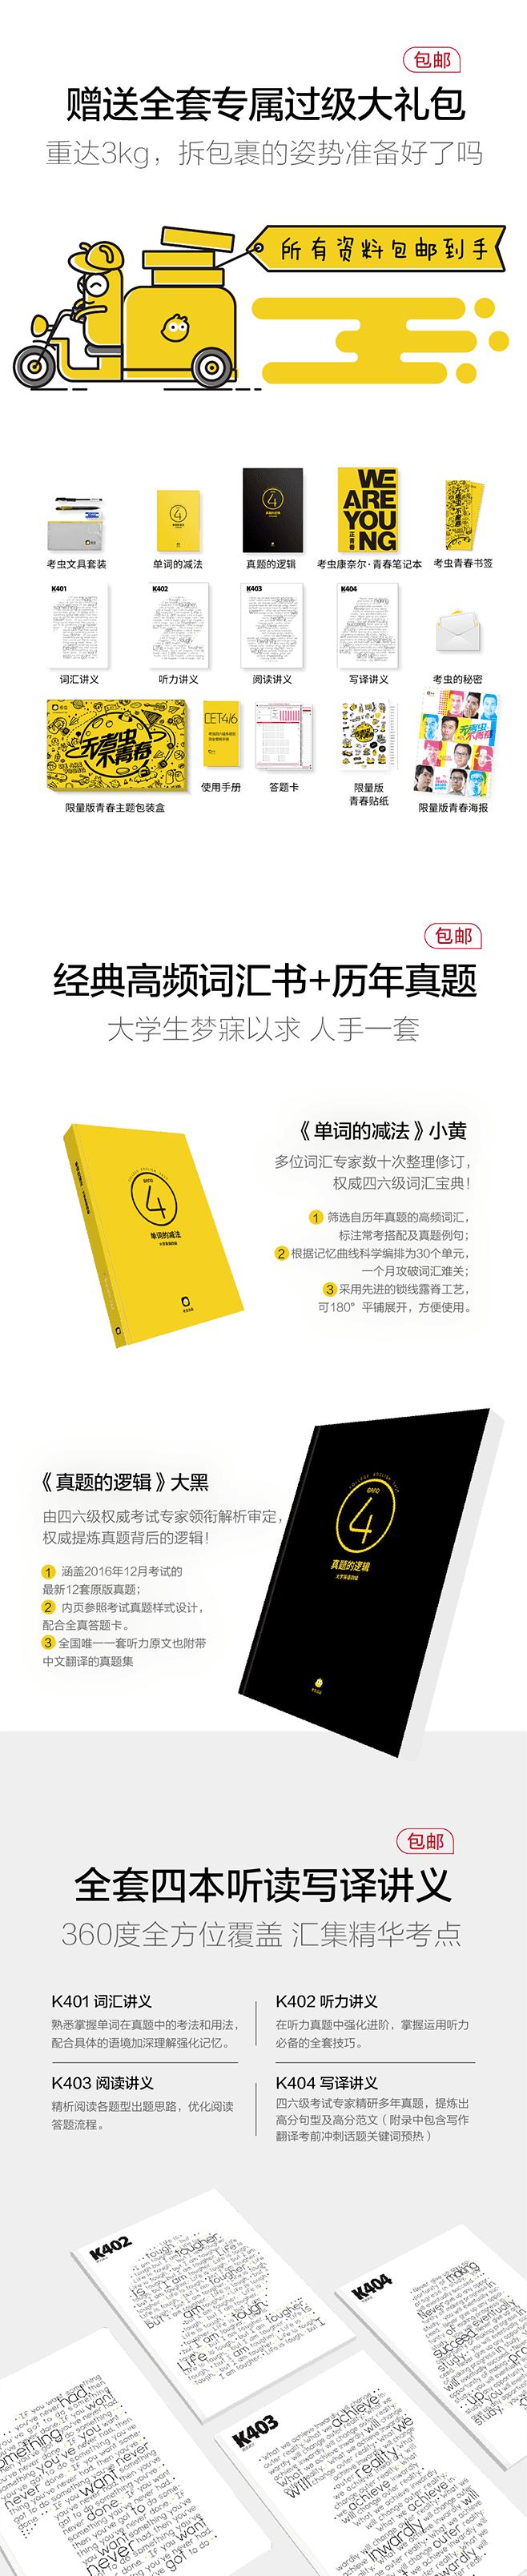 考虫四级系统班2017冲刺班-2.png